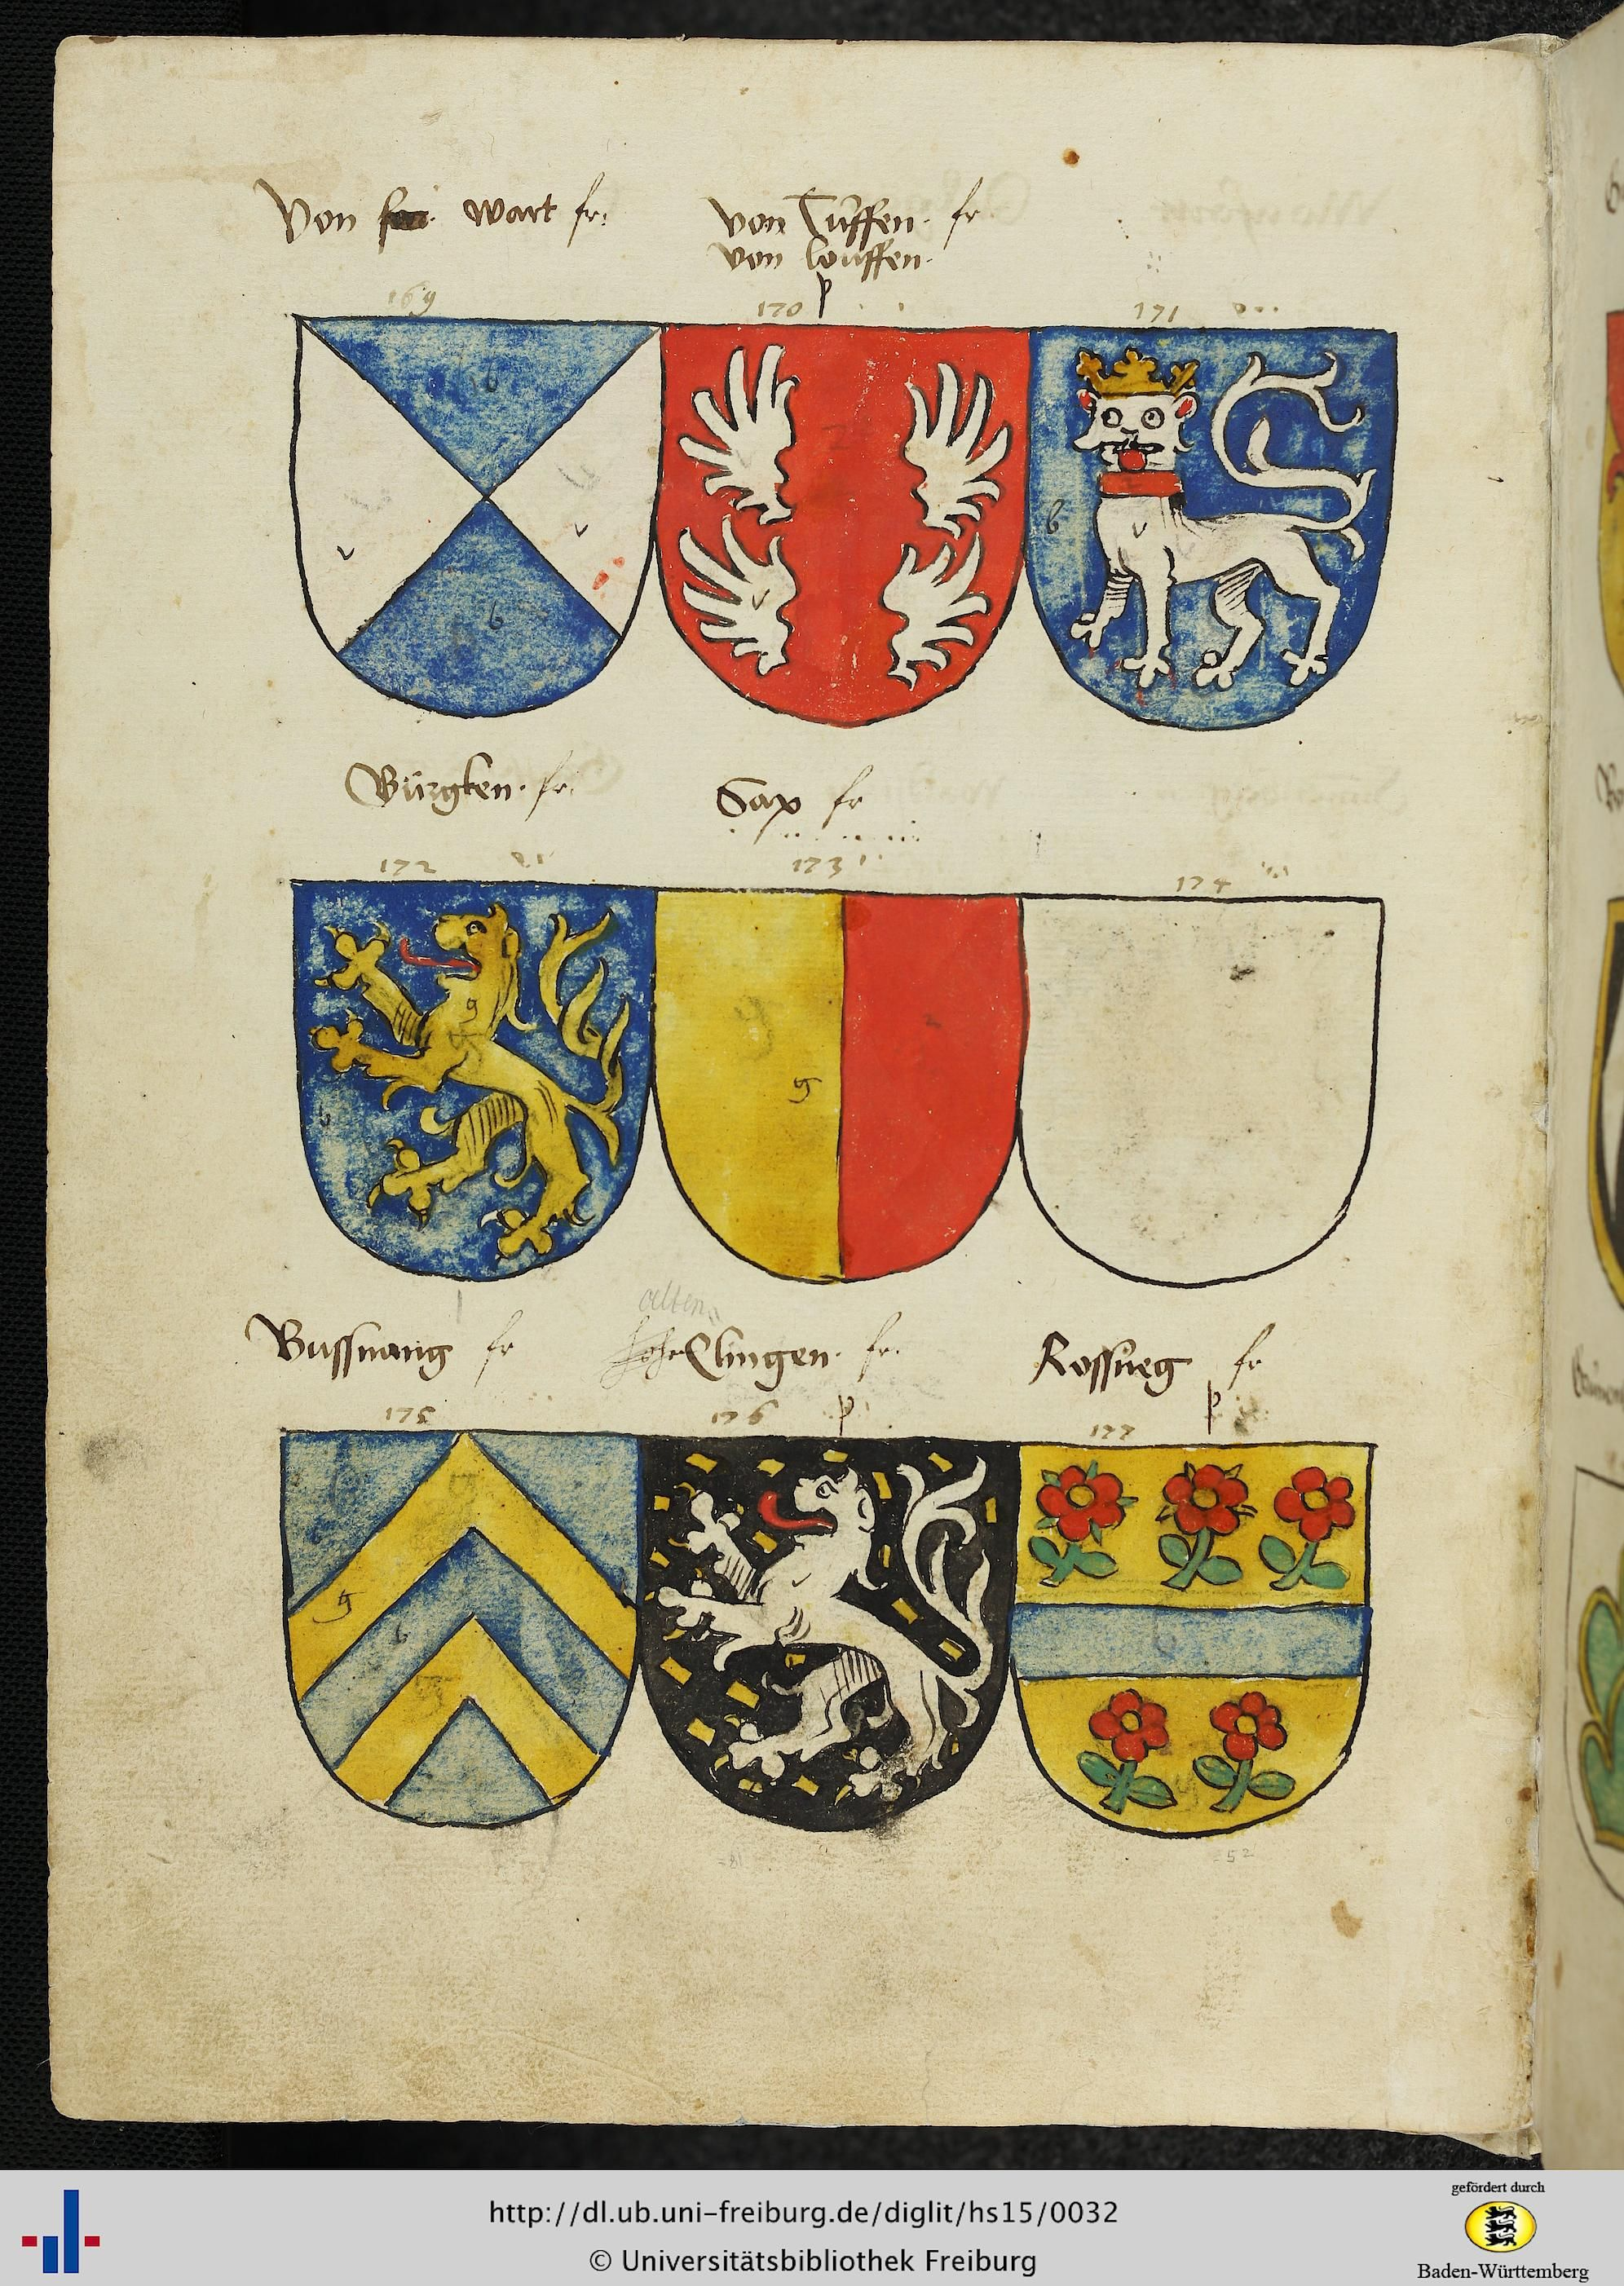 dfg viewer version 3 0 antique heraldry illumination stained